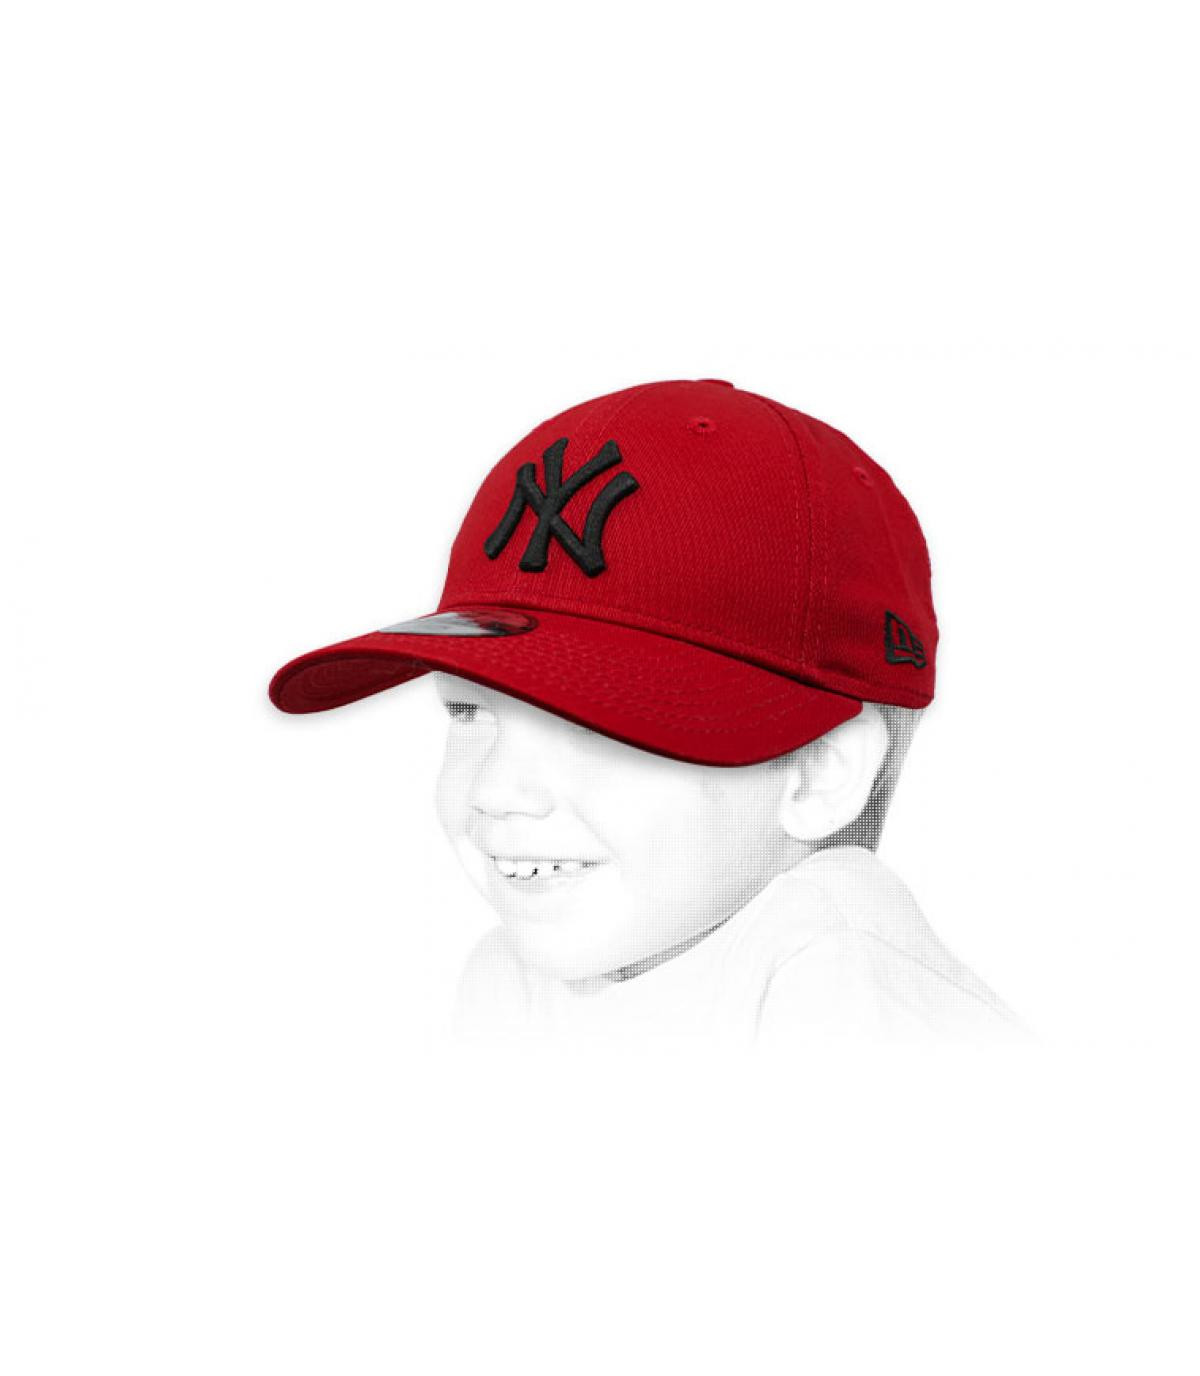 Cappellino rosso - Acquisto   Vendita Cappellini rossi - Shop online ... cb084aa18301